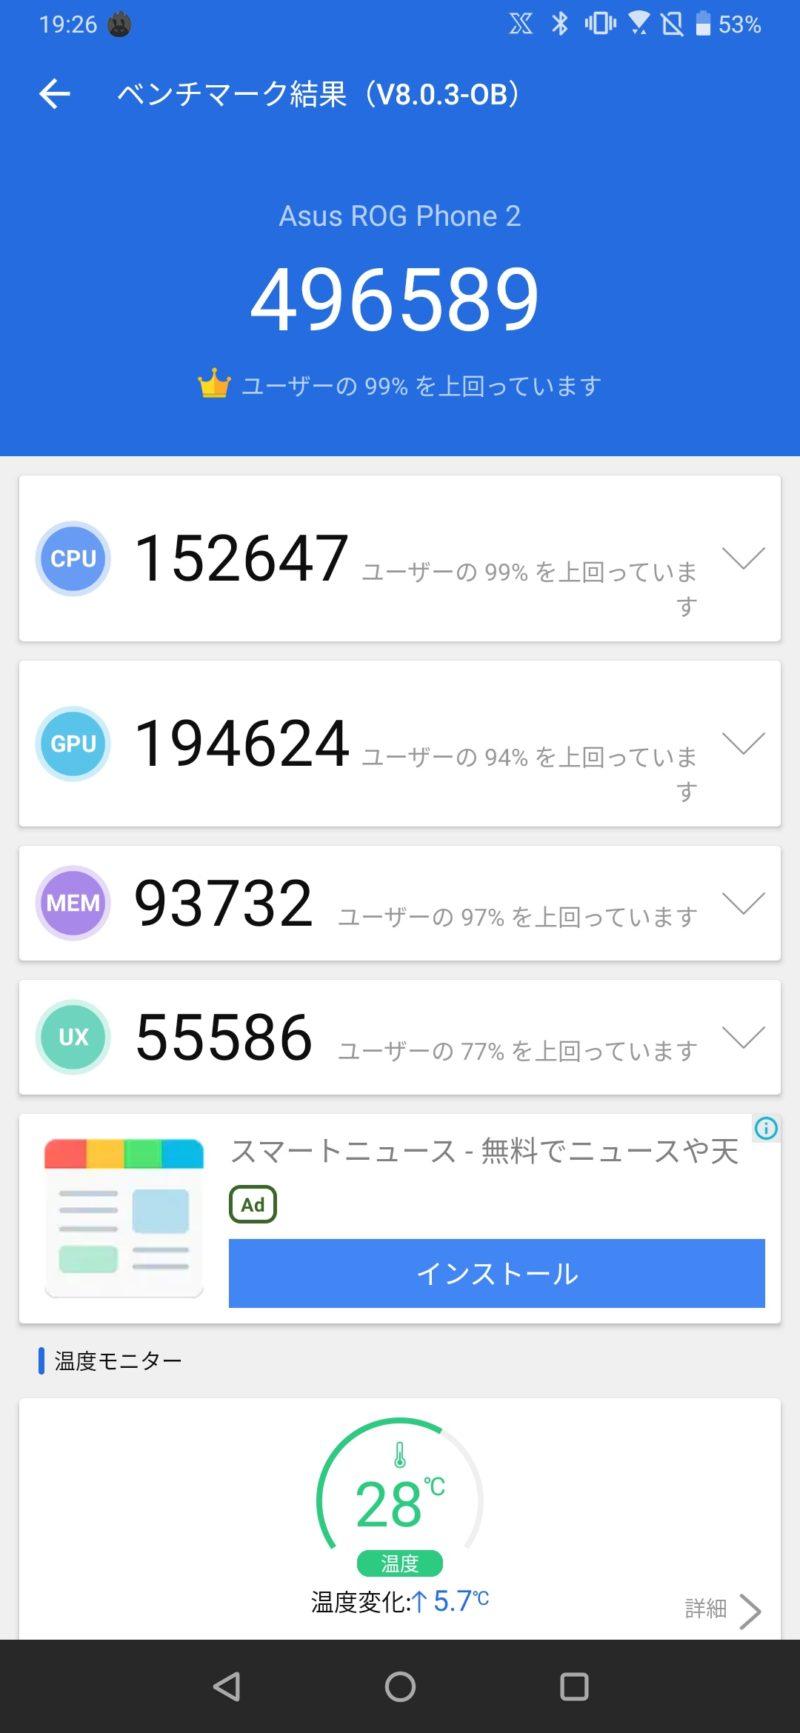 Screenshot 20191113 192648814 1 800x1733-ASUSの「ROG Phone 2」を実機レビュー。ゲーミングスマホでも普通に使える!